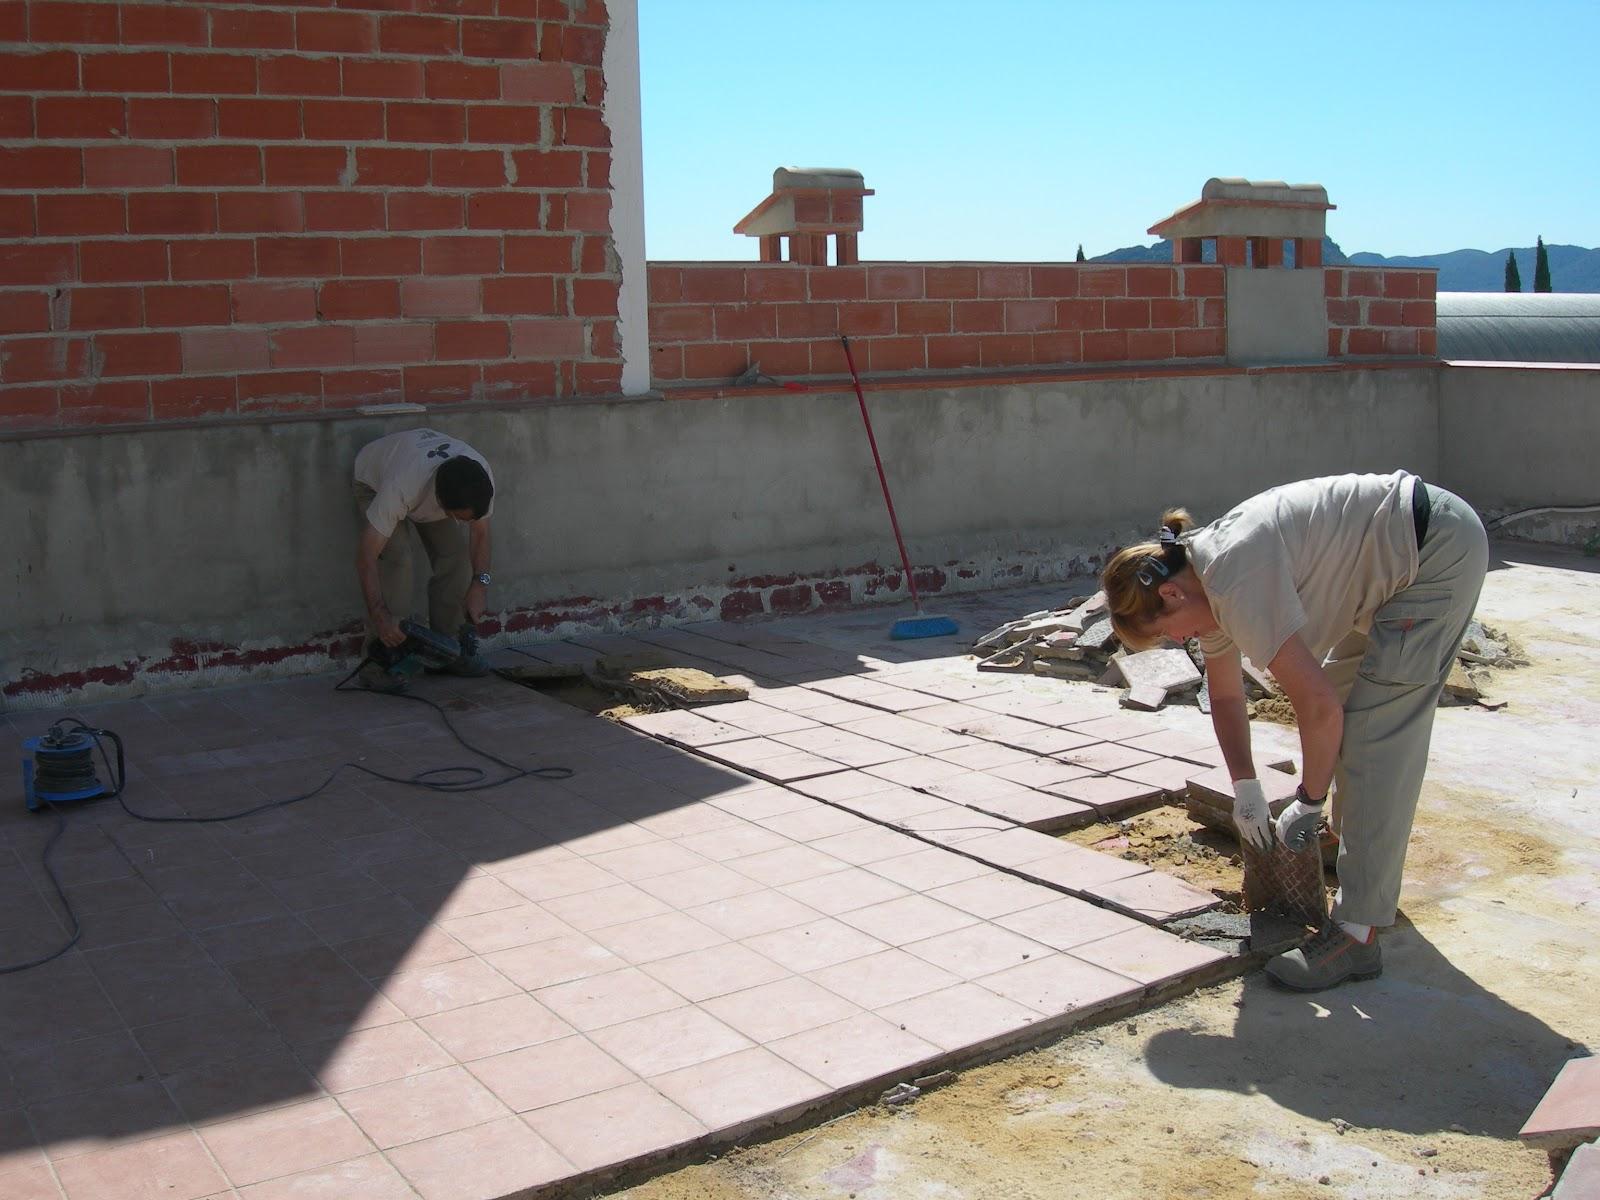 Taller De Empleo Casa Del Pou Iii Terraza Casa Del Pou